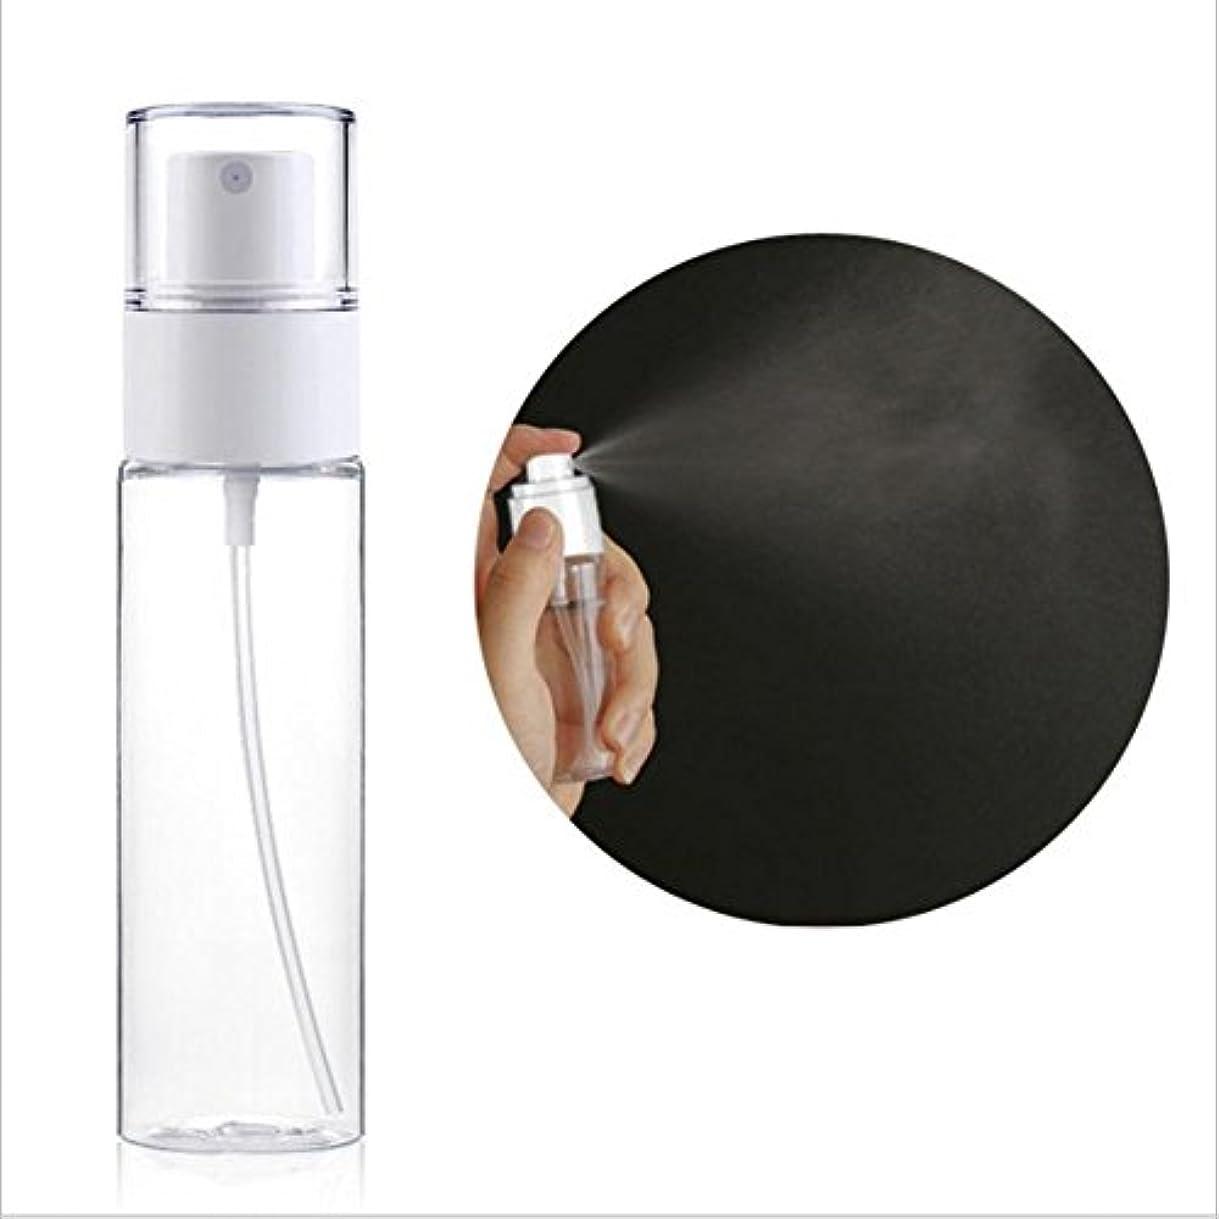 イライラするうめき声拾うプラスチックスプレーボトル、50ml ポータブル 透明スプレーメイクアップスプレーボトル 香水、ローション、トナーなどに適用